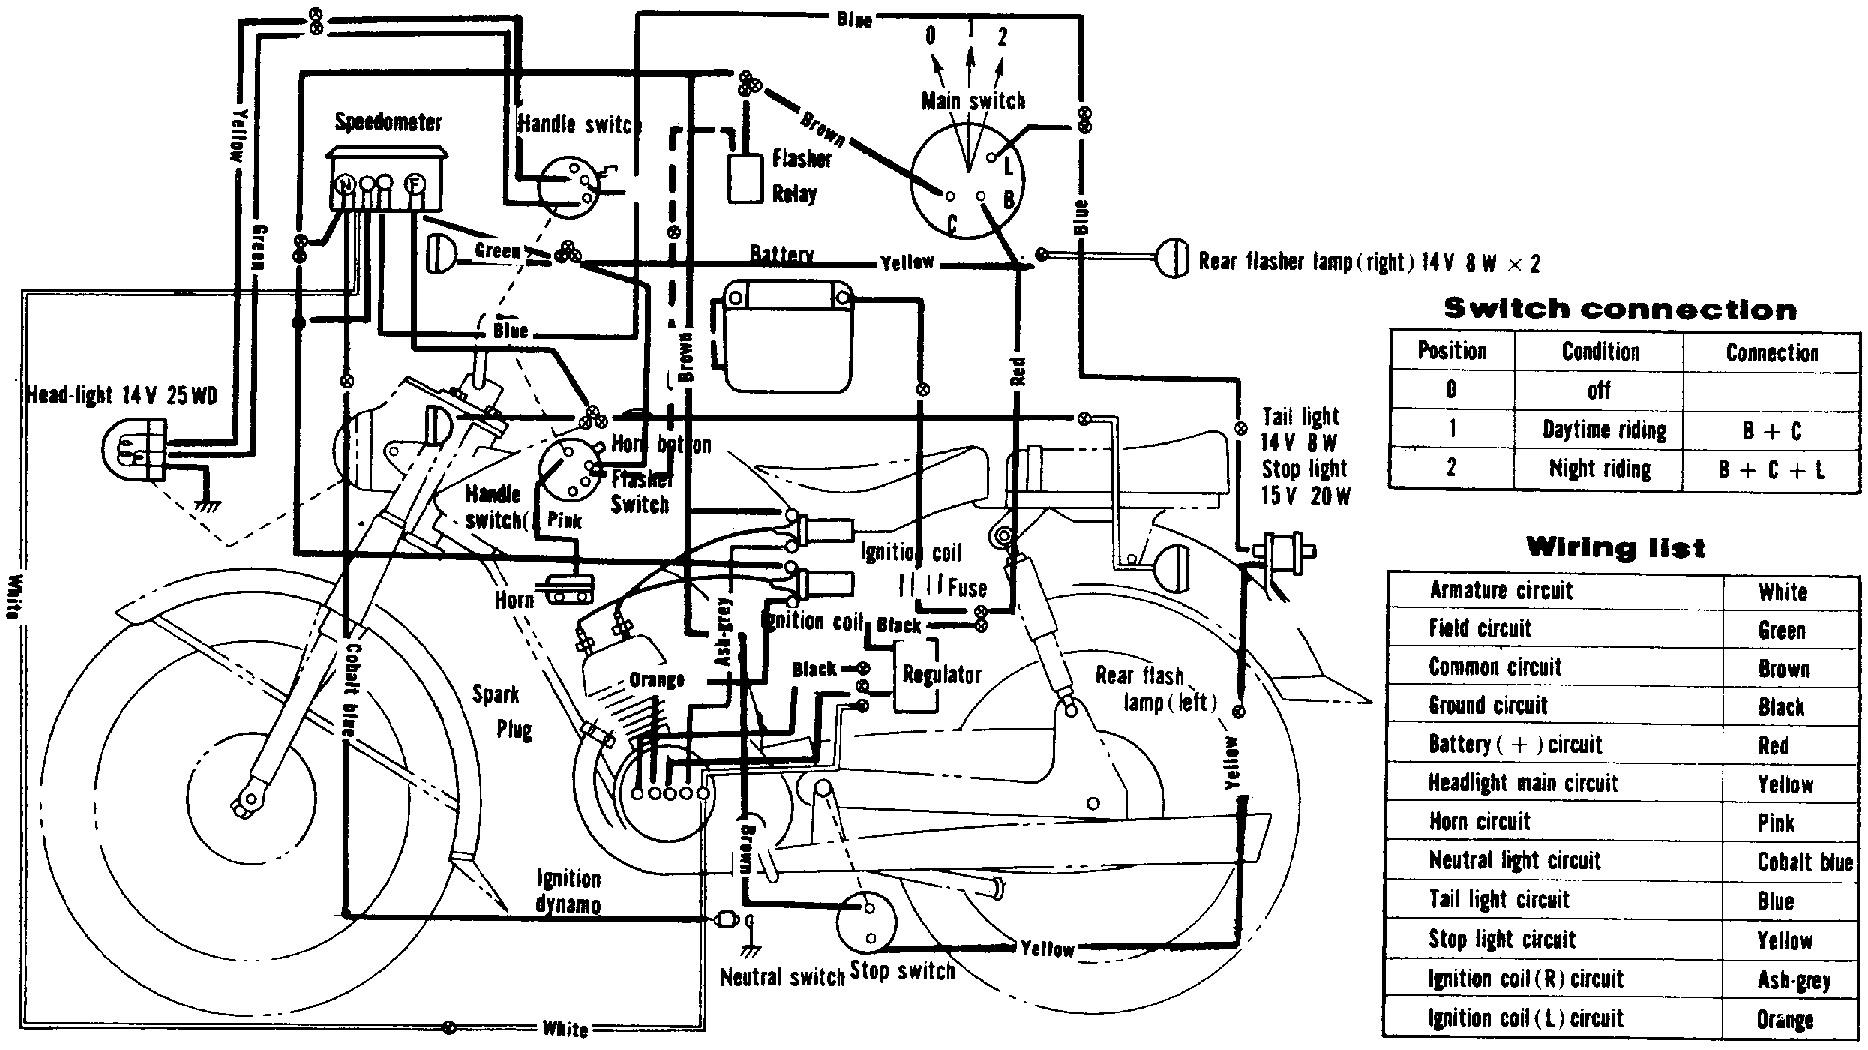 yamaha yl2 wiring diagram wiring diagram blogyamaha yl2 wiring diagram wiring diagram sheet yamaha l2 wiring [ 1868 x 1050 Pixel ]